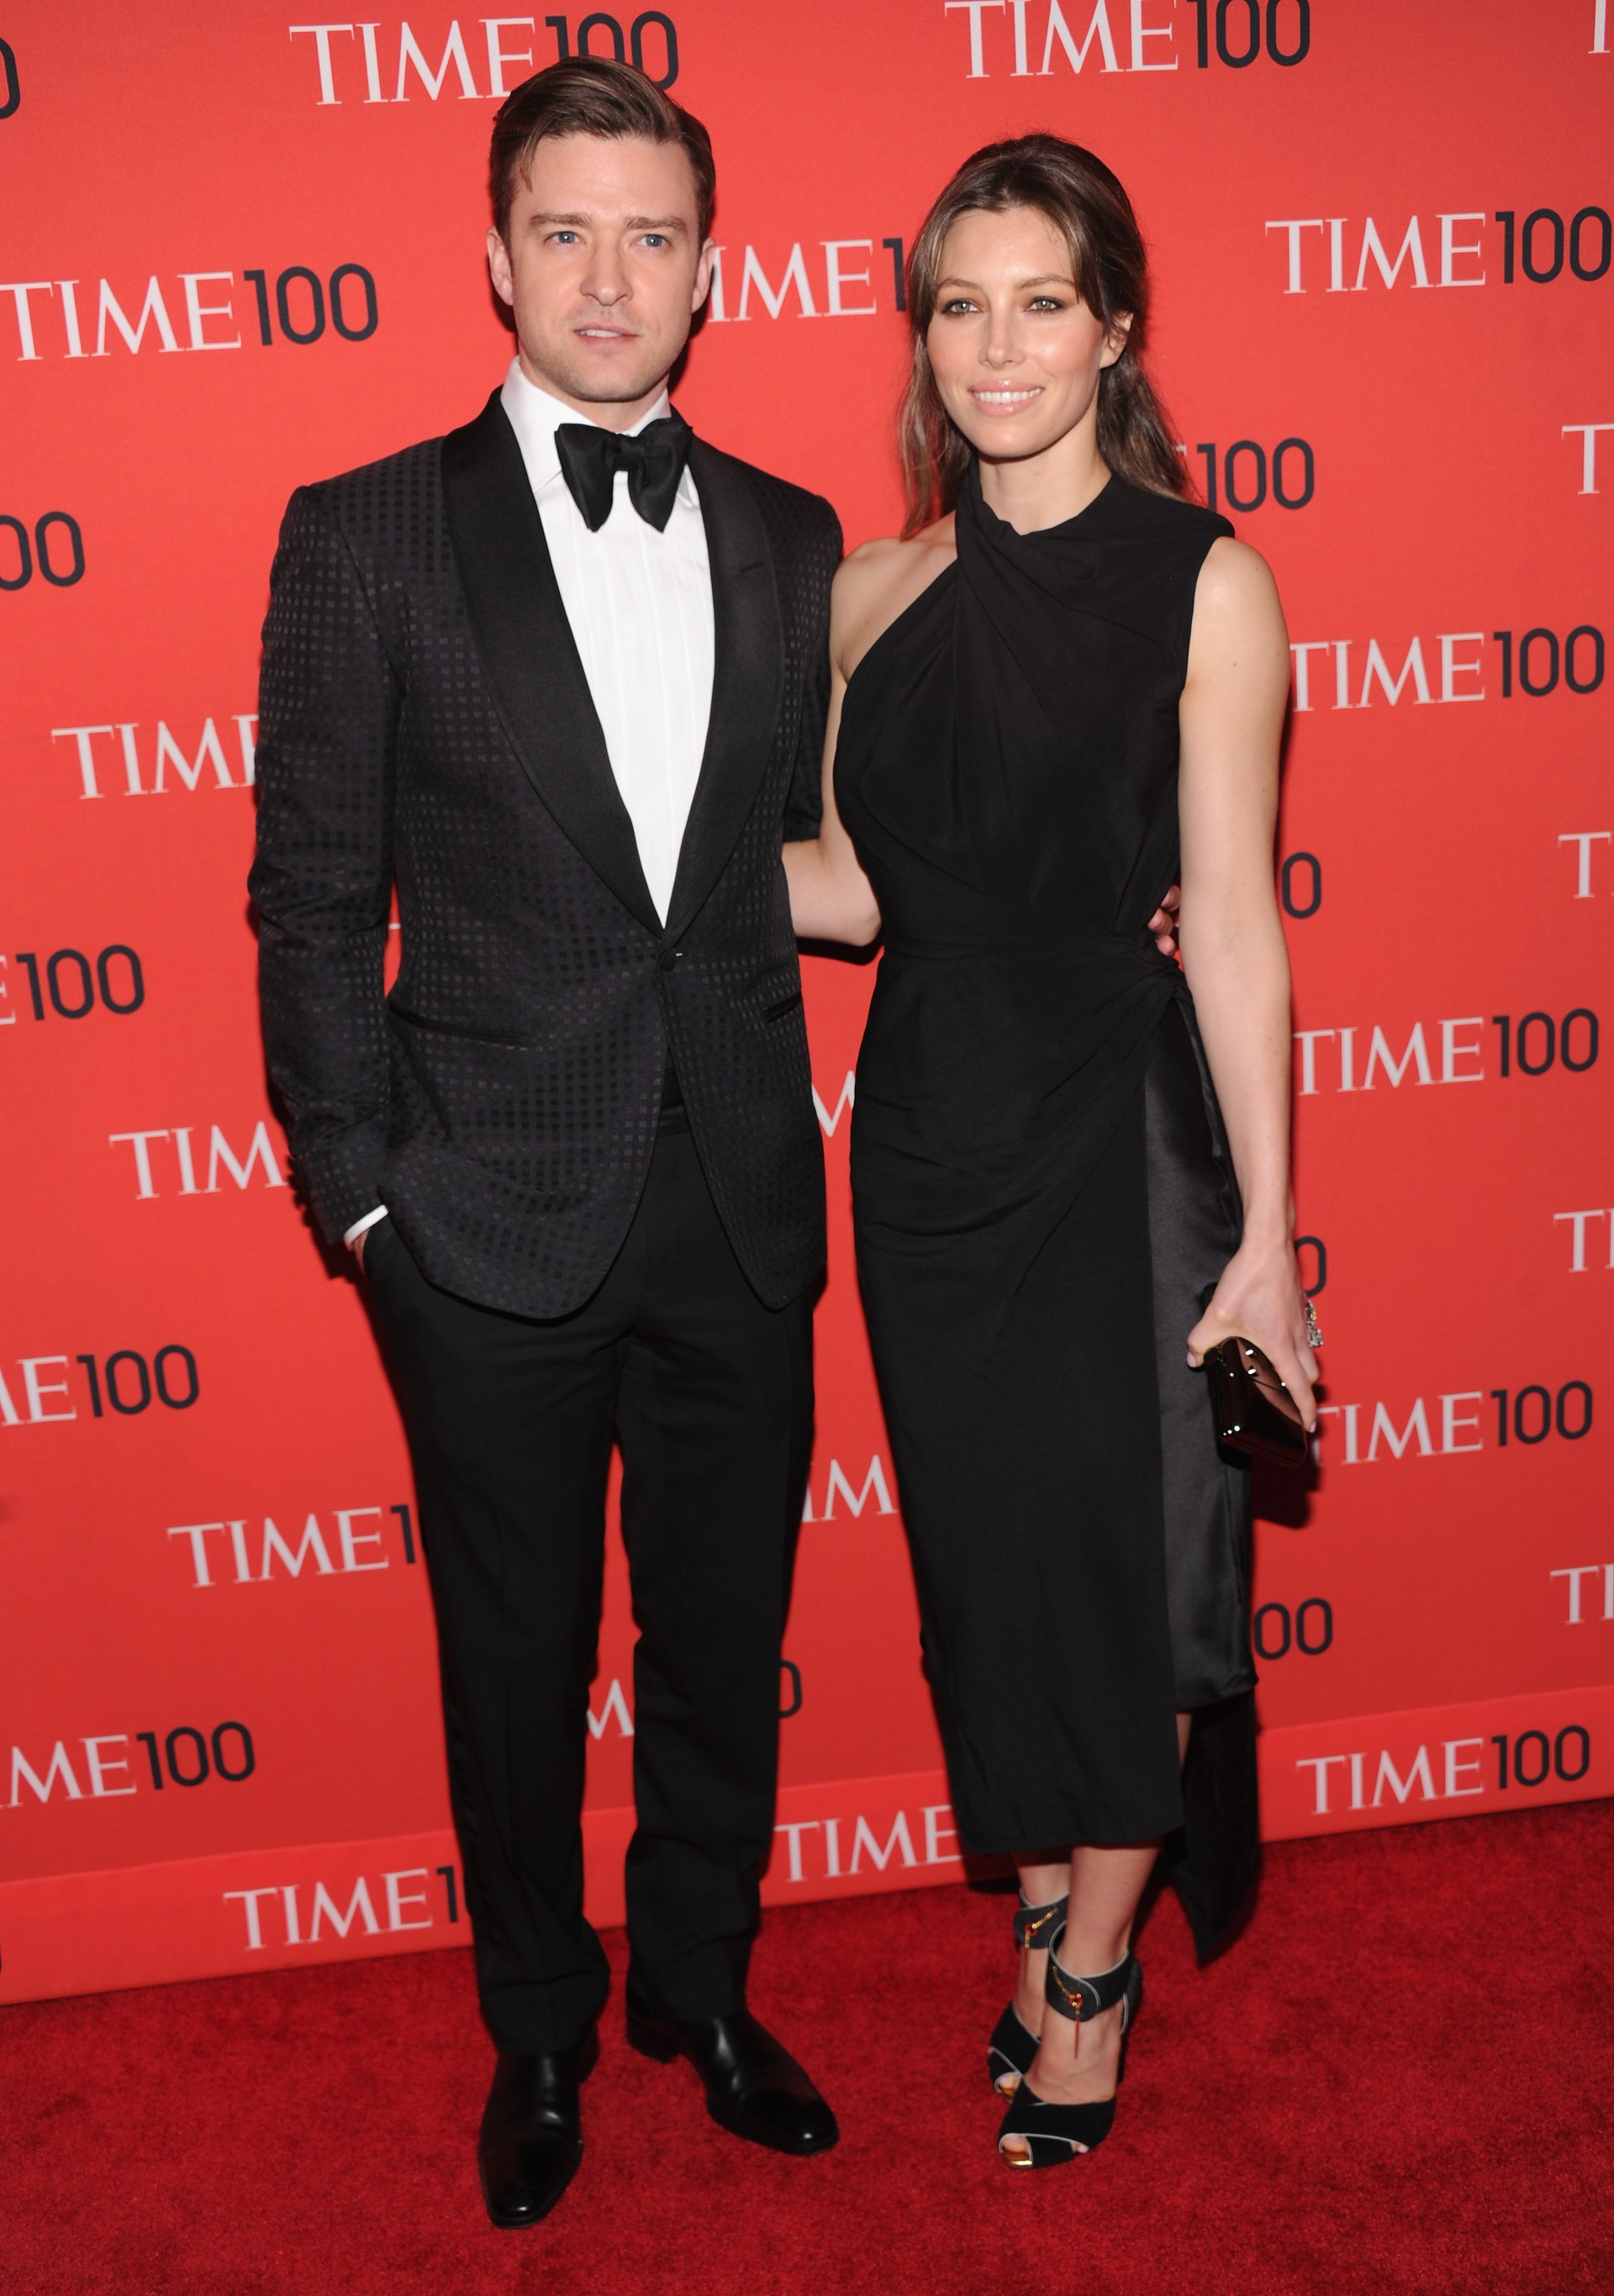 Timberlake se casou com a atriz Jessica Biel em outubro de 2012, na Itália, depois de cinco anos de namoro.  (Foto: Getty Images)